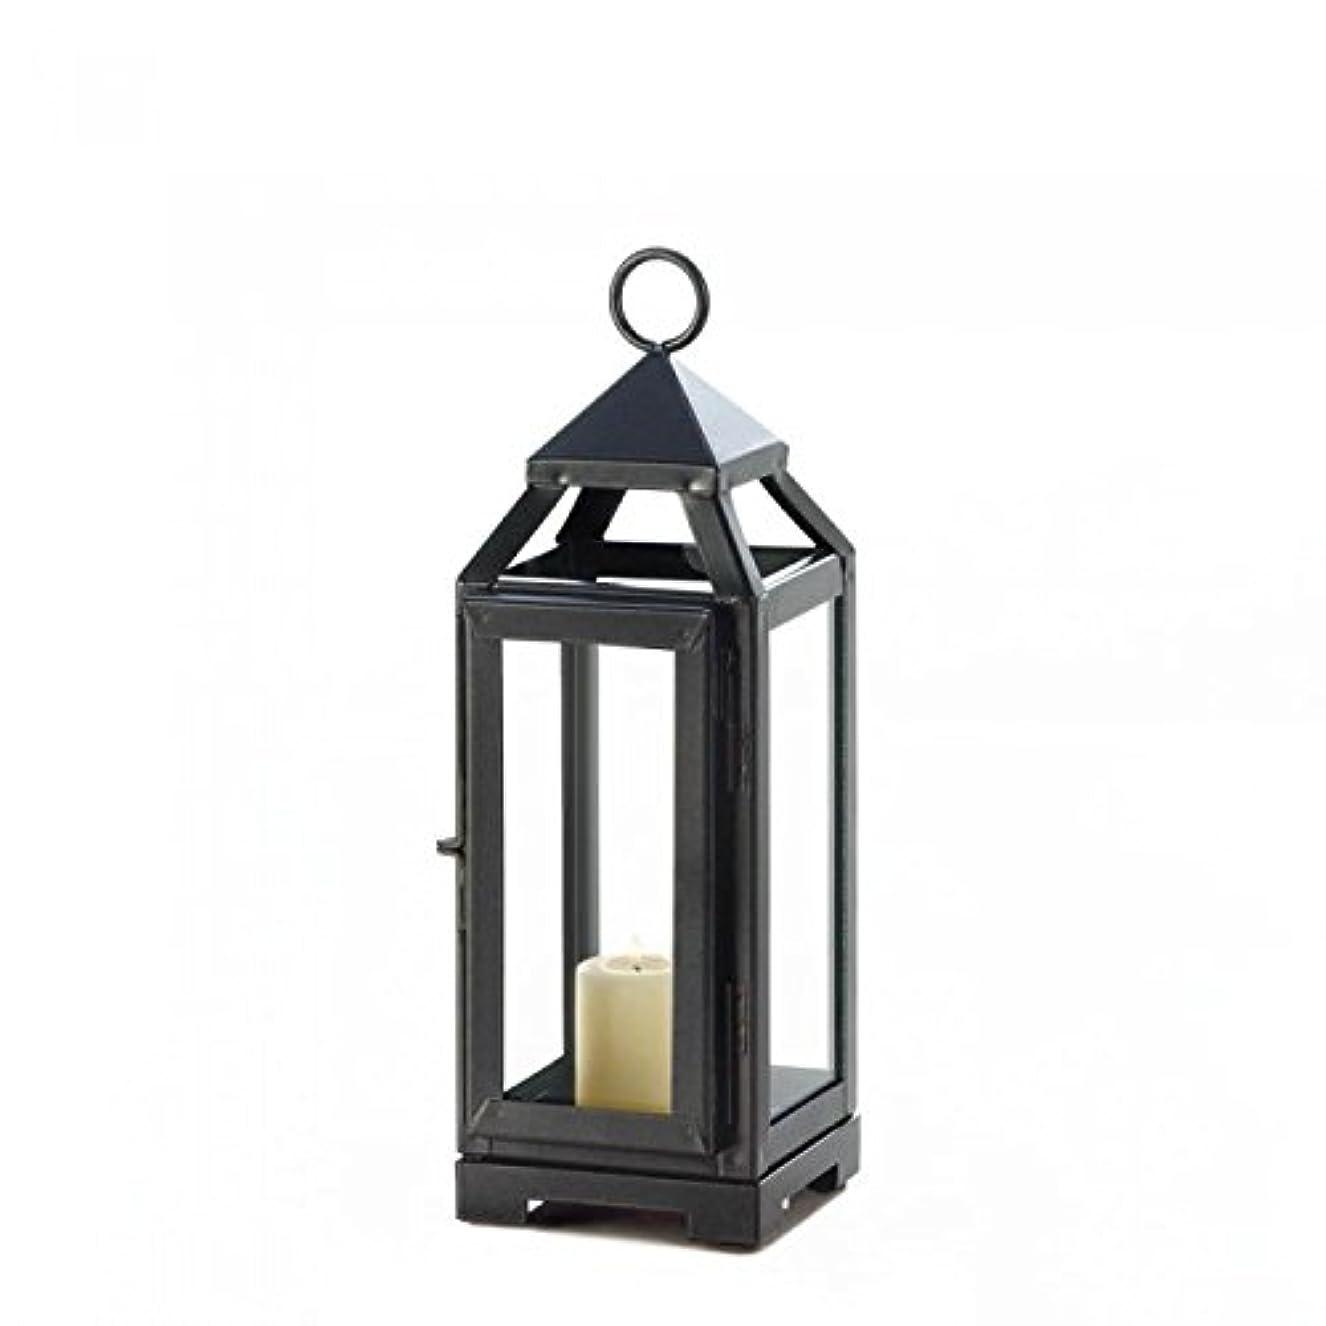 暖かく湿原昆虫を見るGallery of Light 10018134 Dark Gray Sleek Contemporary Candle Lantern - 11 in.